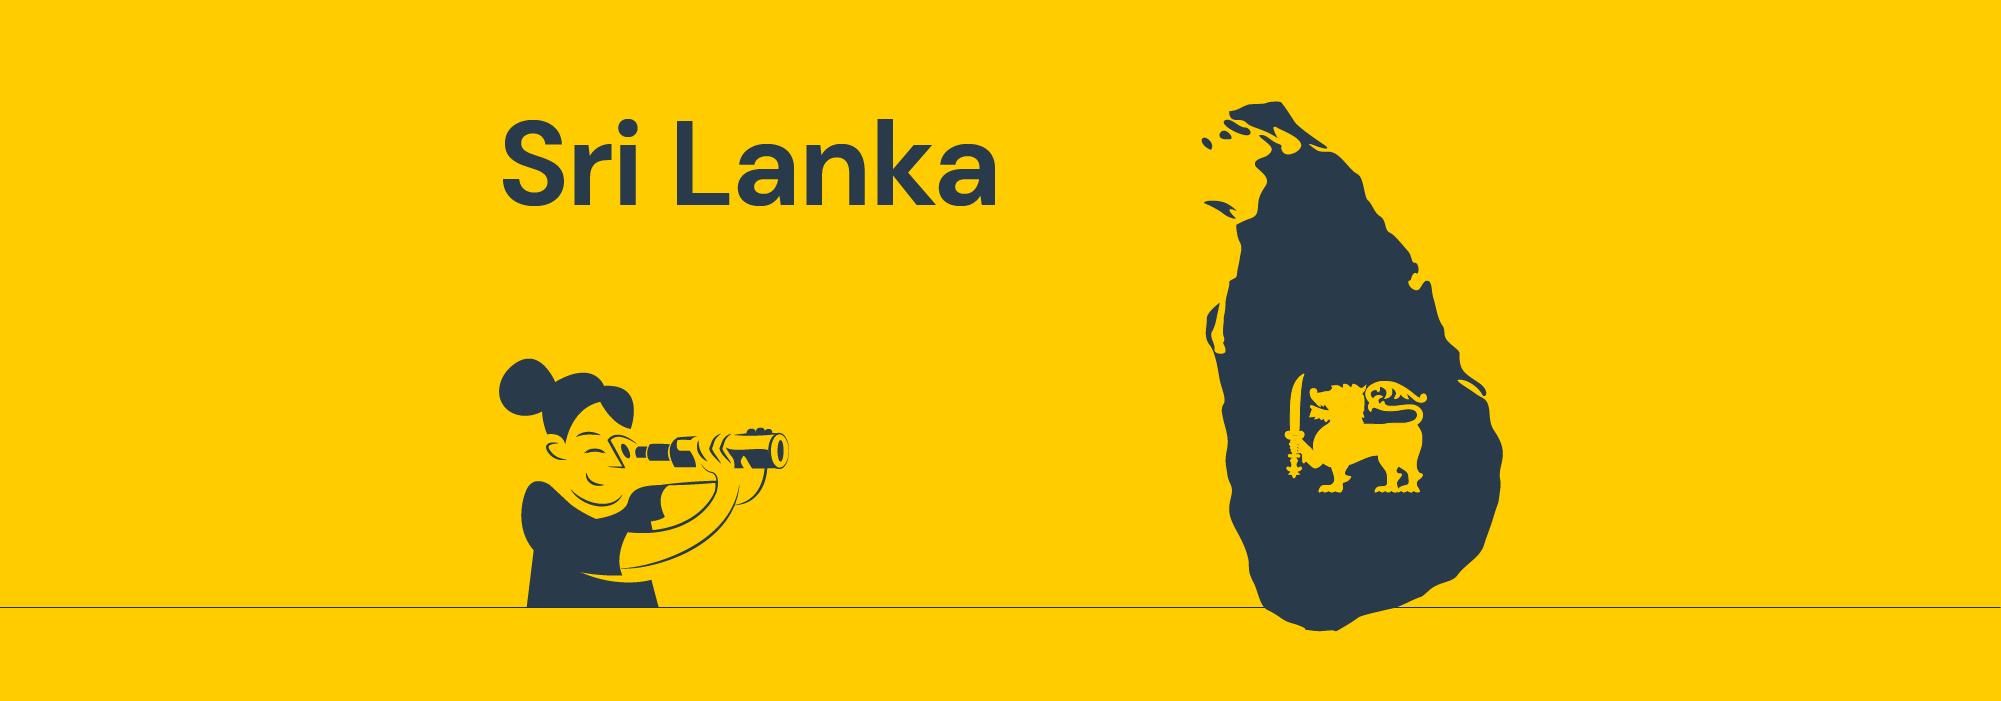 international-student-recruitment-sri-lanka